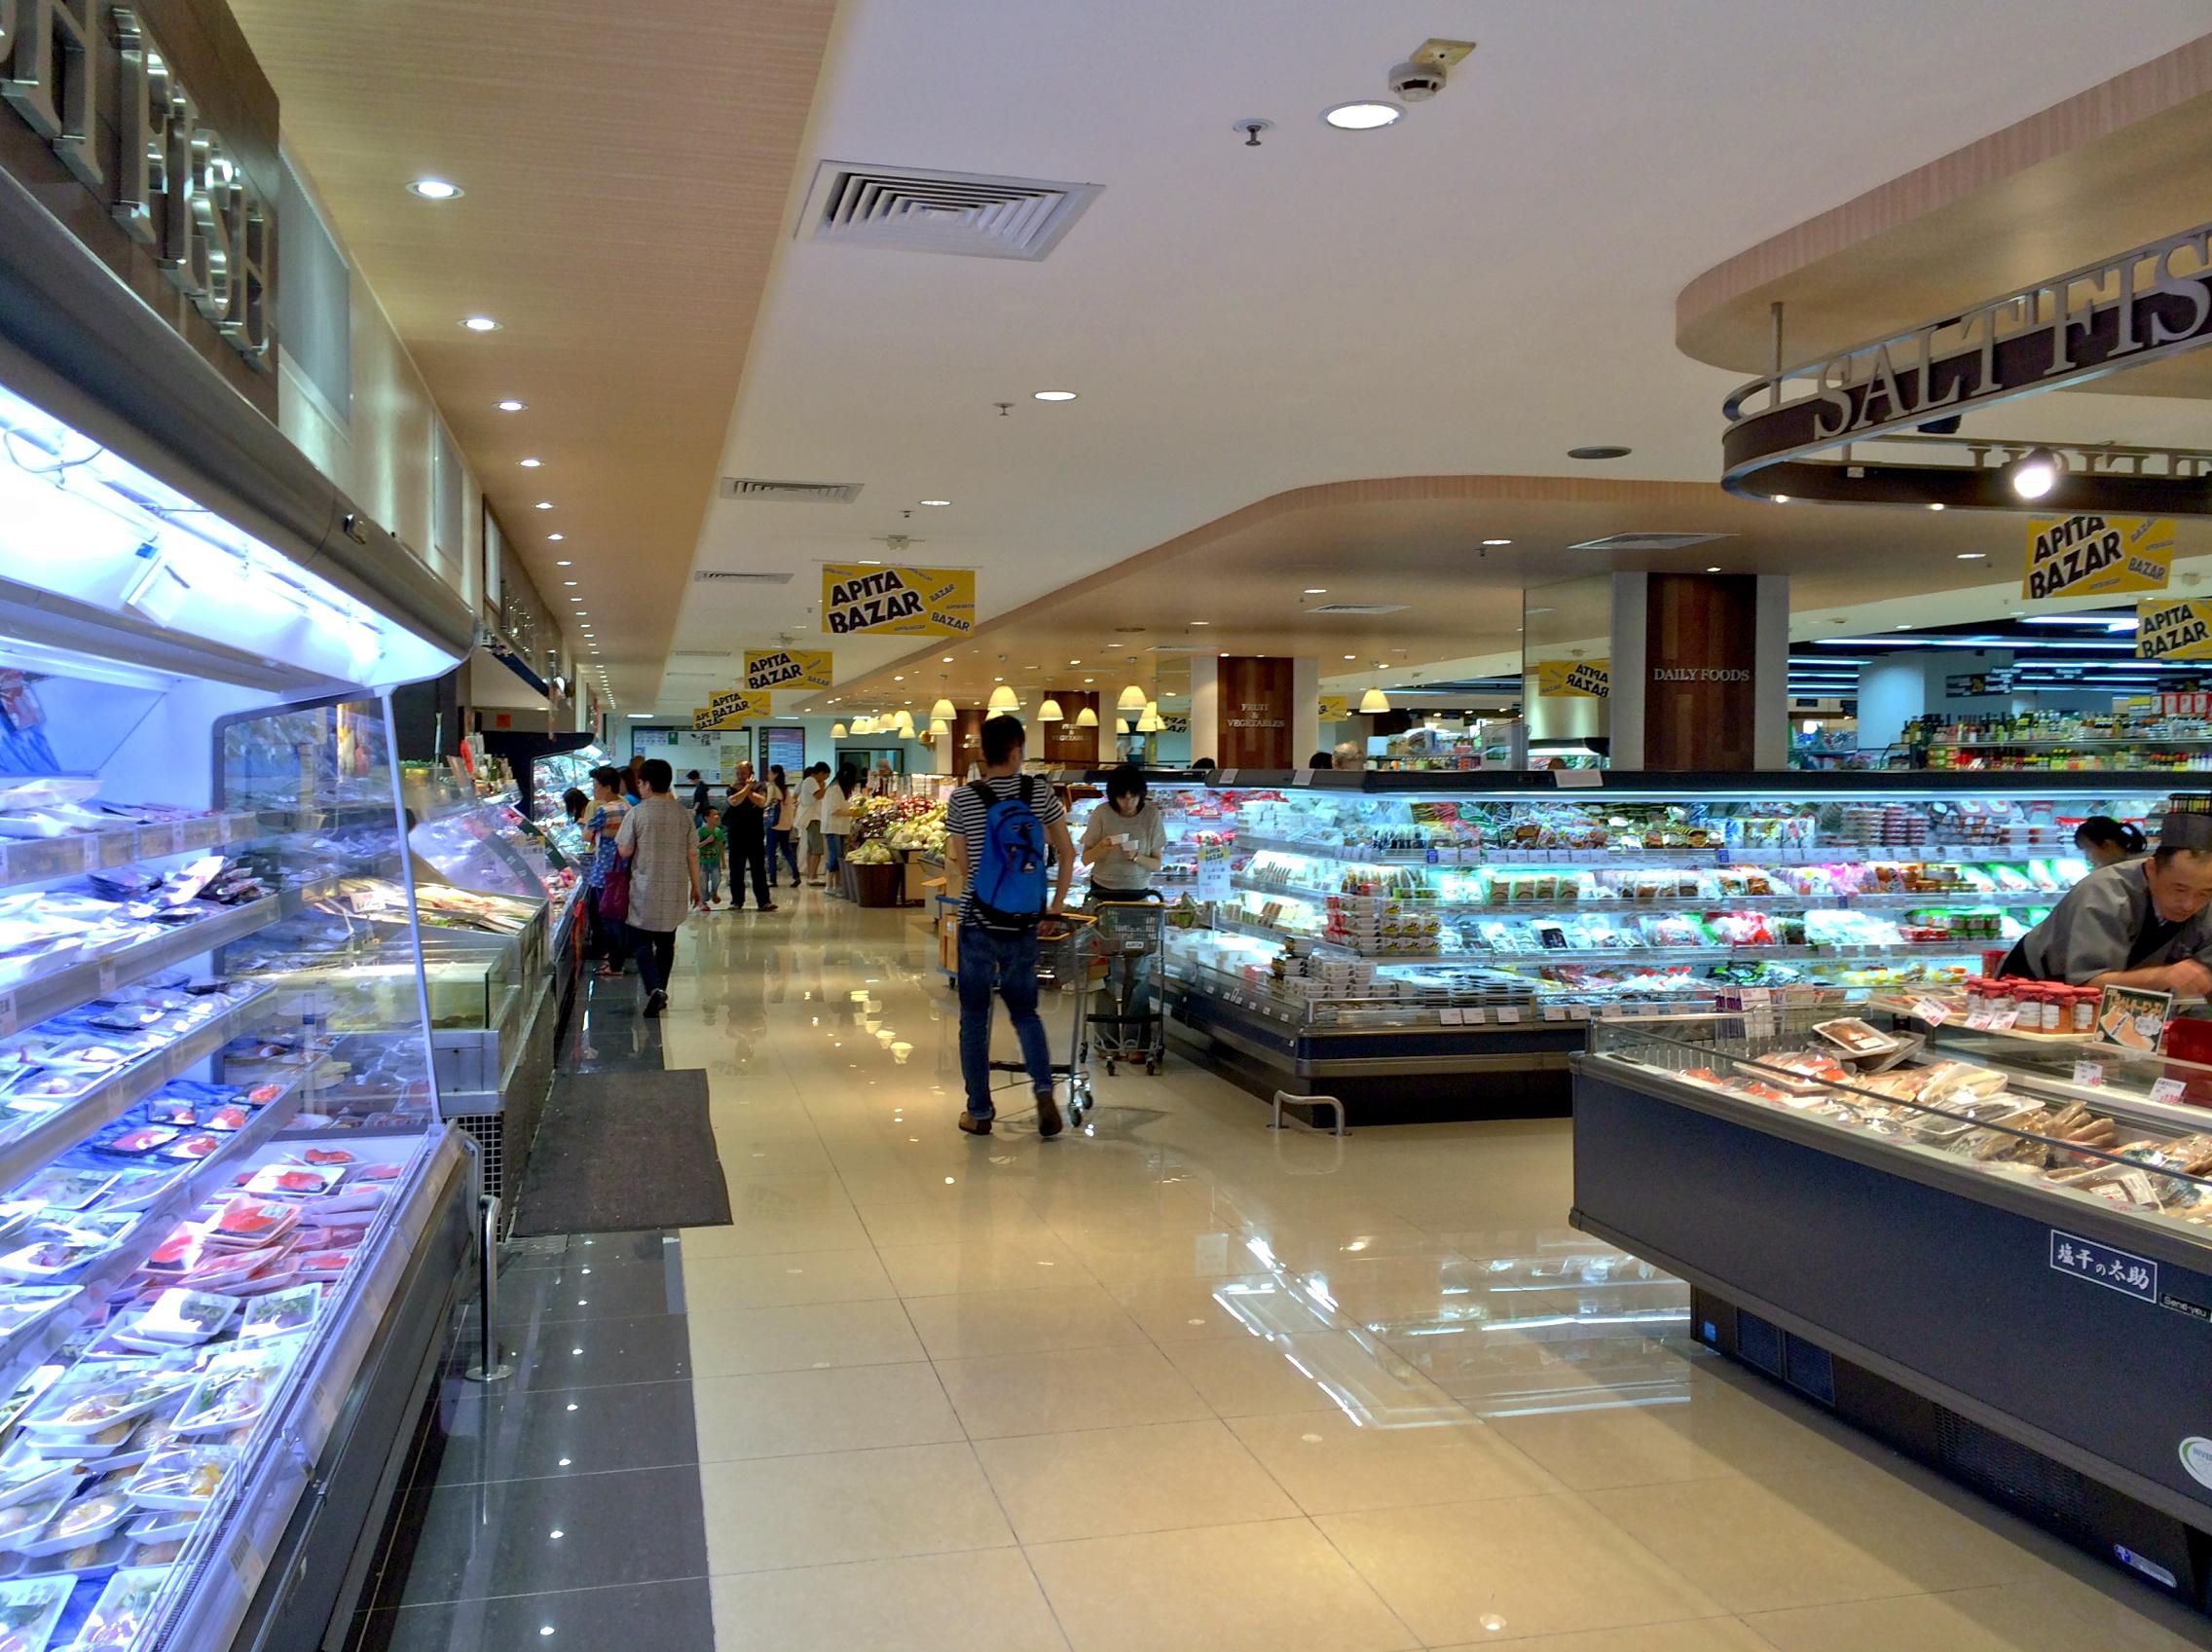 APITA_Supermarket_inside_Cityplaza_2014